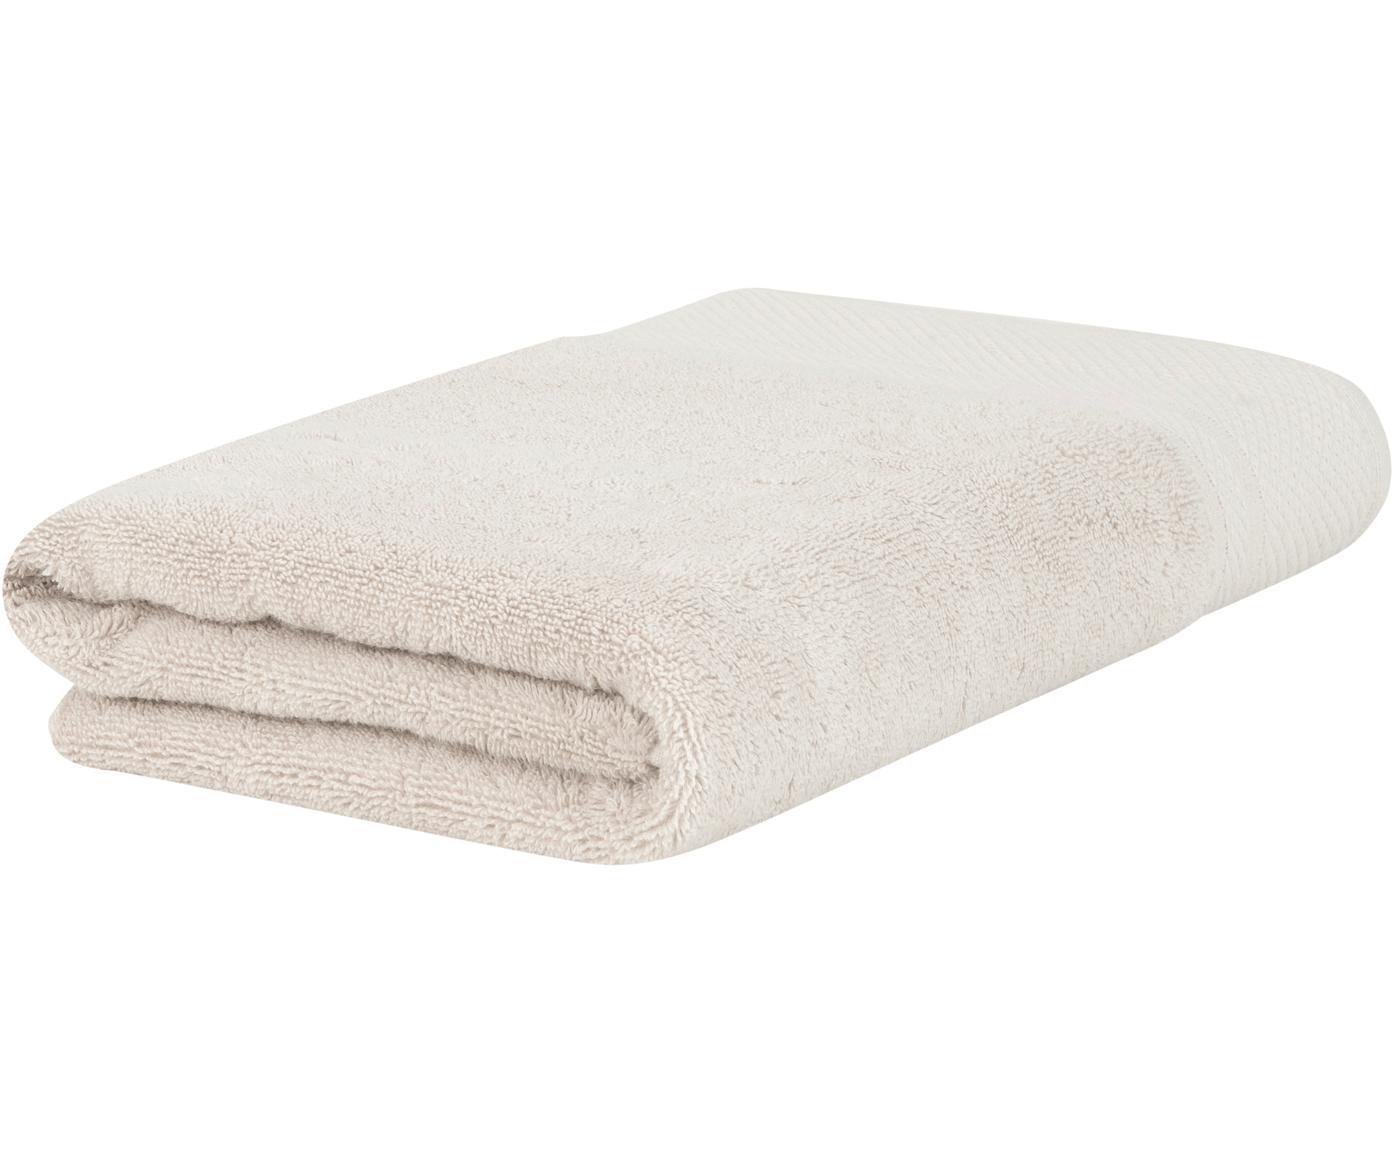 Handtuch Premium mit klassischer Zierbordüre, Beige, XS Gästehandtuch